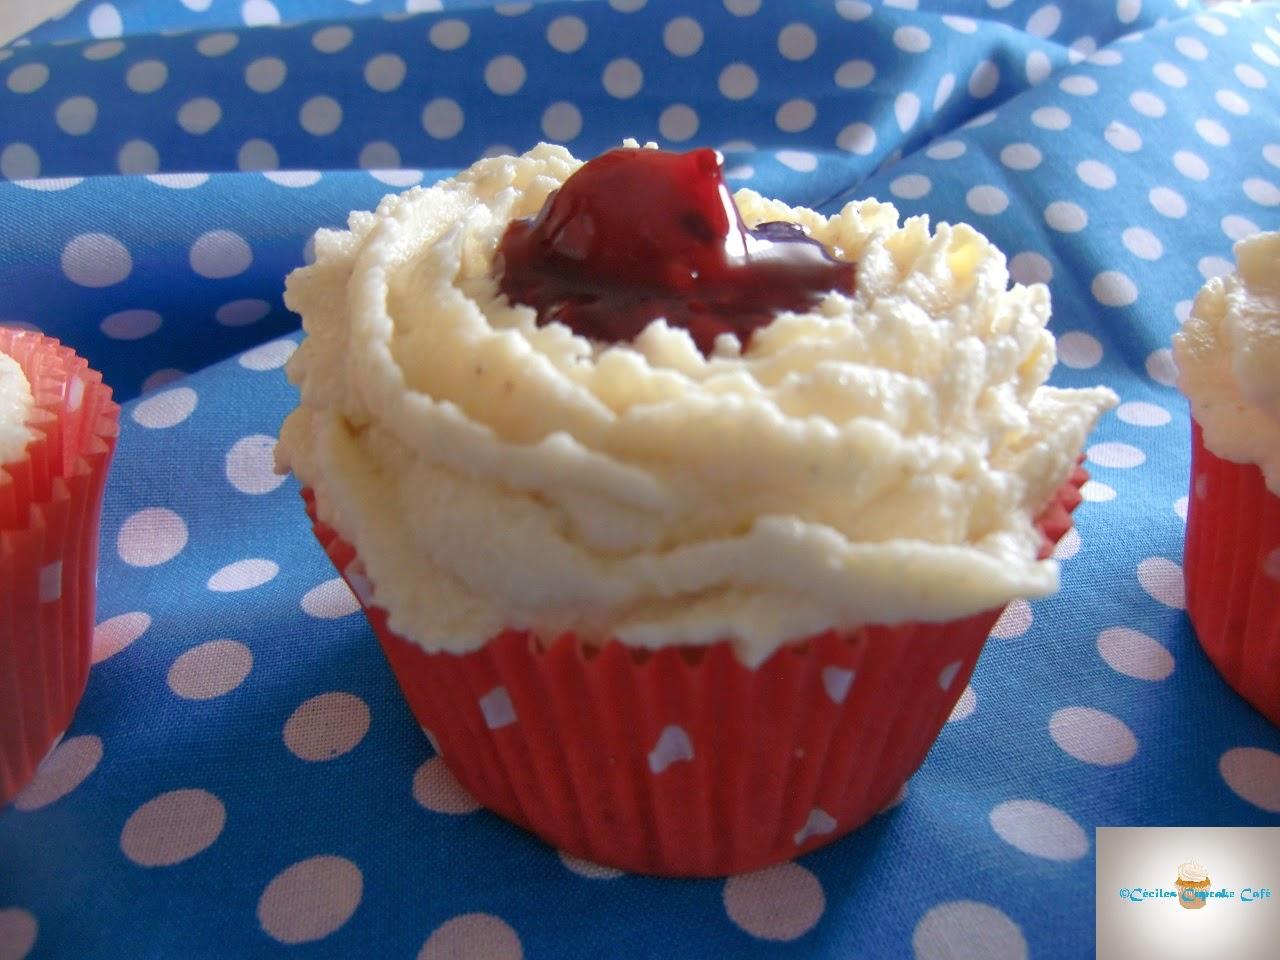 http://cecilecupcakecafe.blogspot.de/2014/03/rote-grutze-vanille-cupcakes.html